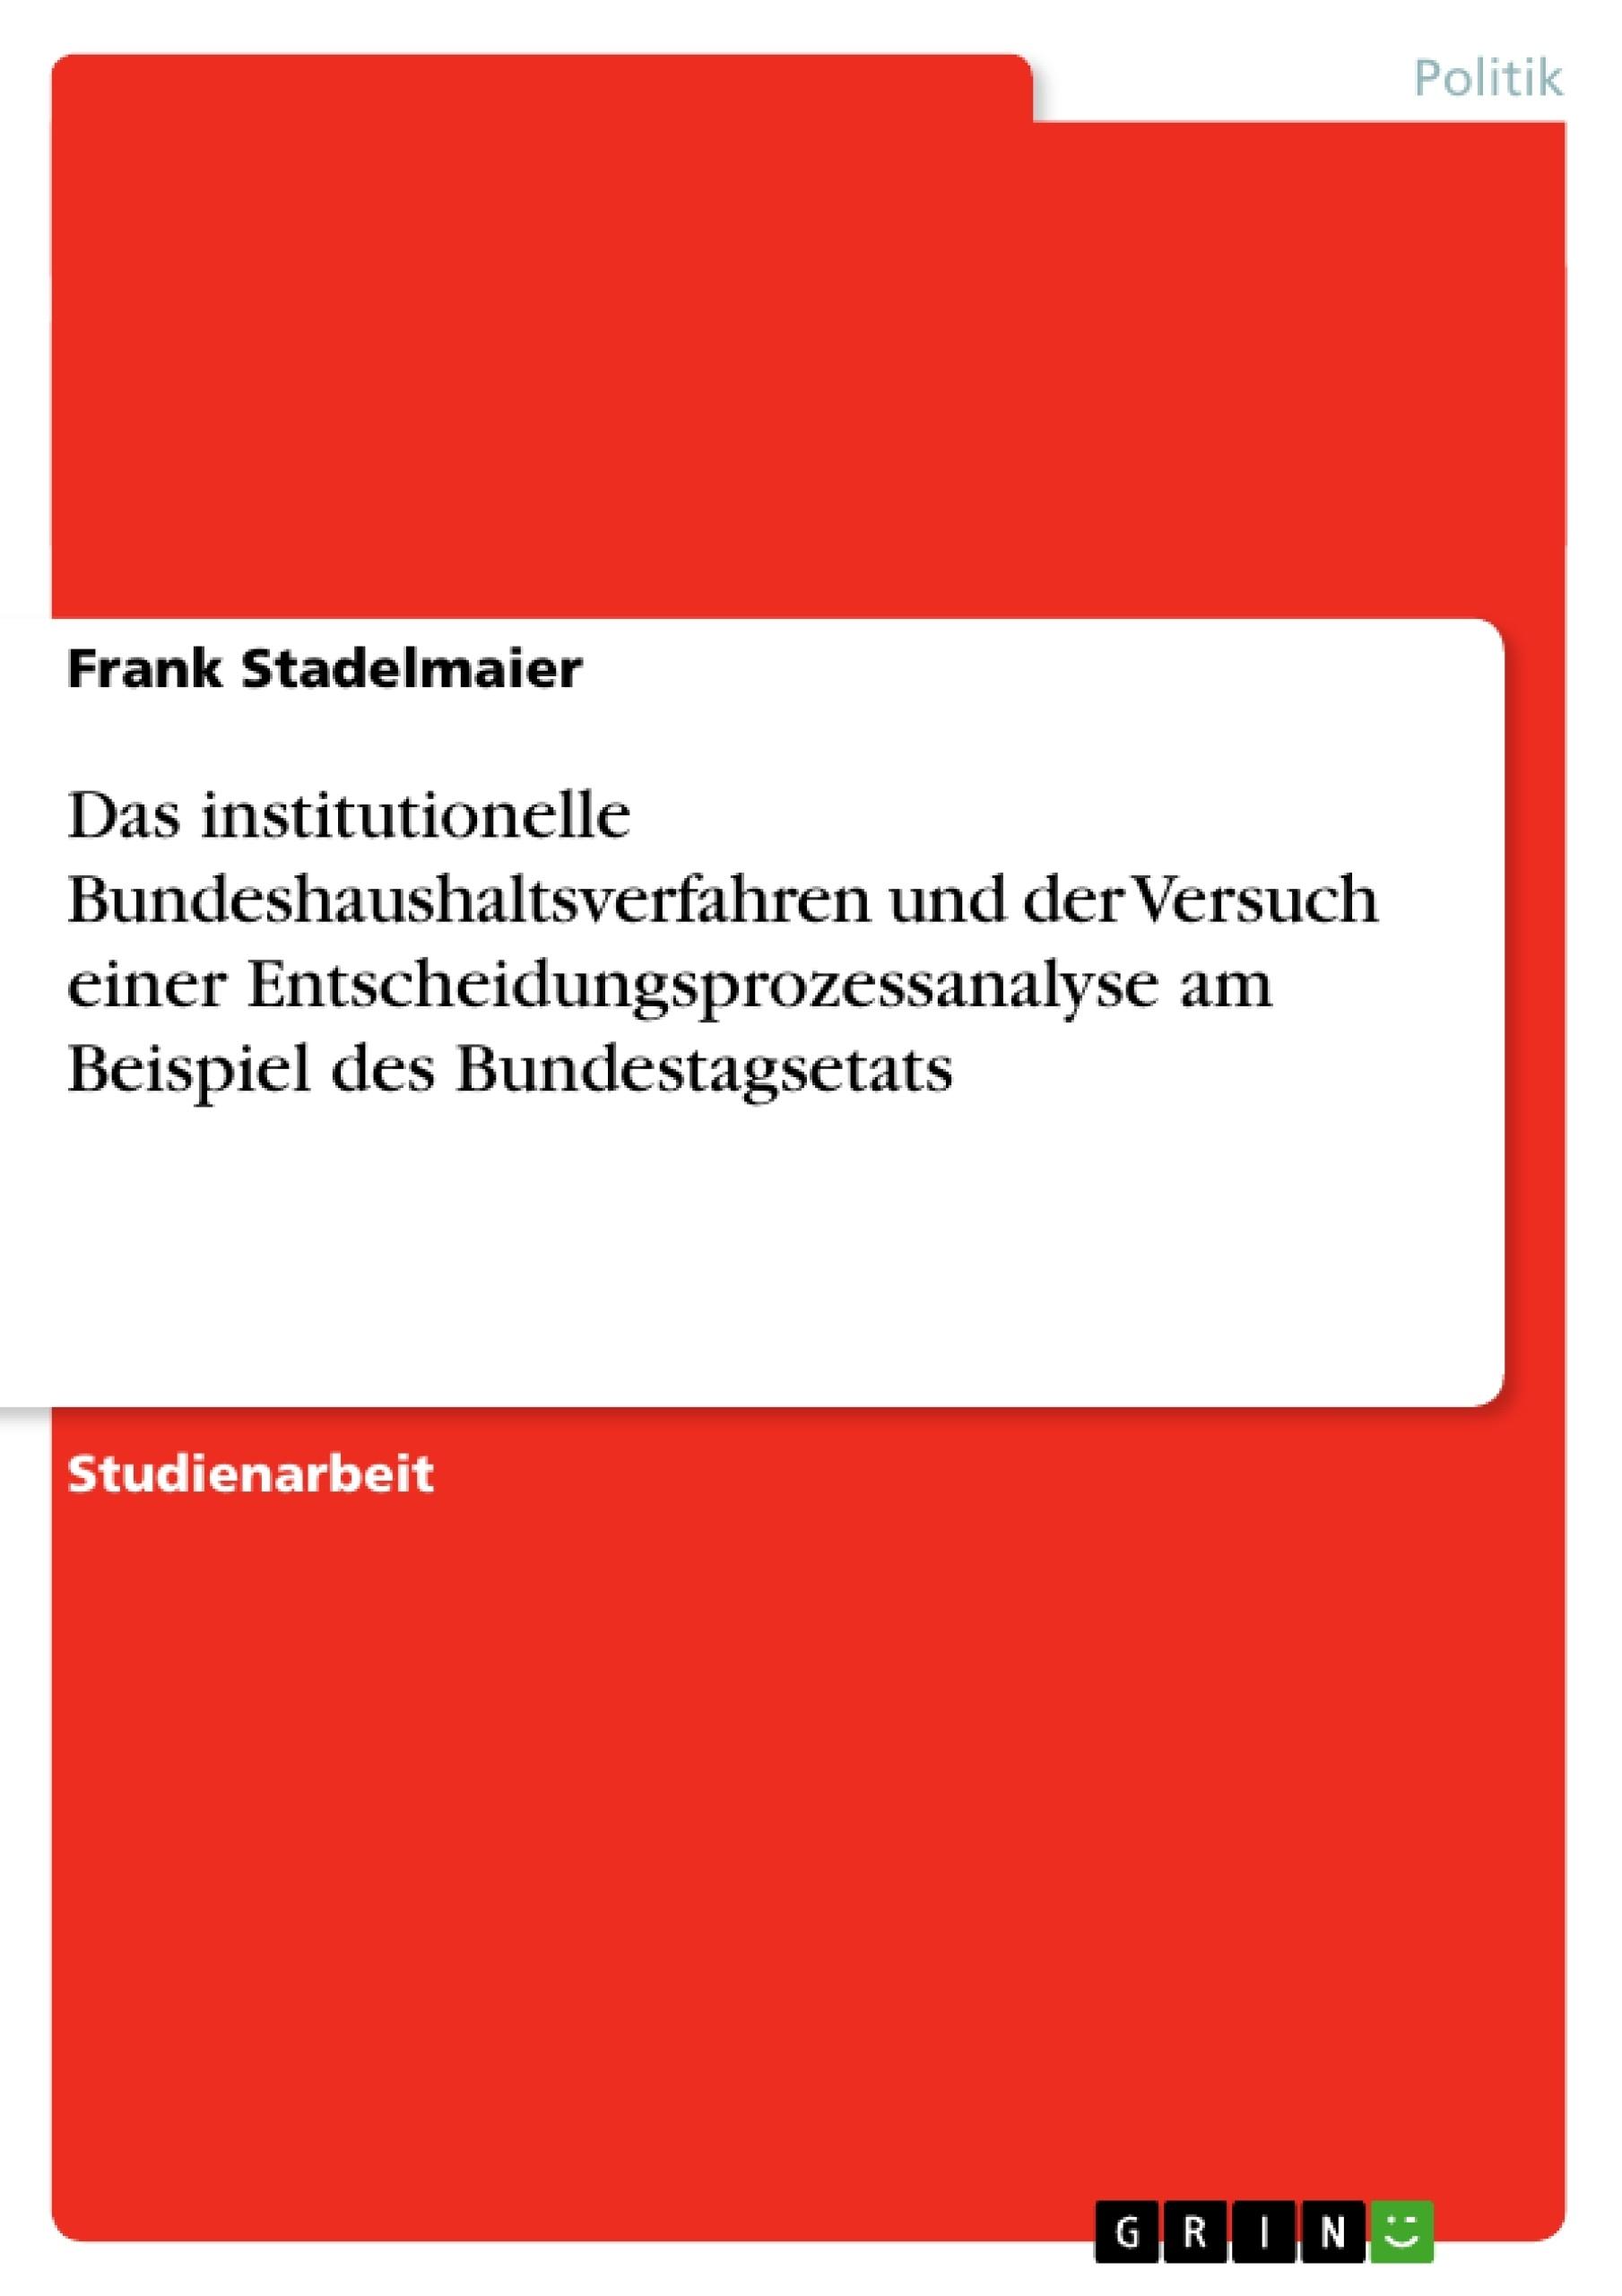 Titel: Das institutionelle Bundeshaushaltsverfahren und der Versuch einer Entscheidungsprozessanalyse am Beispiel des Bundestagsetats